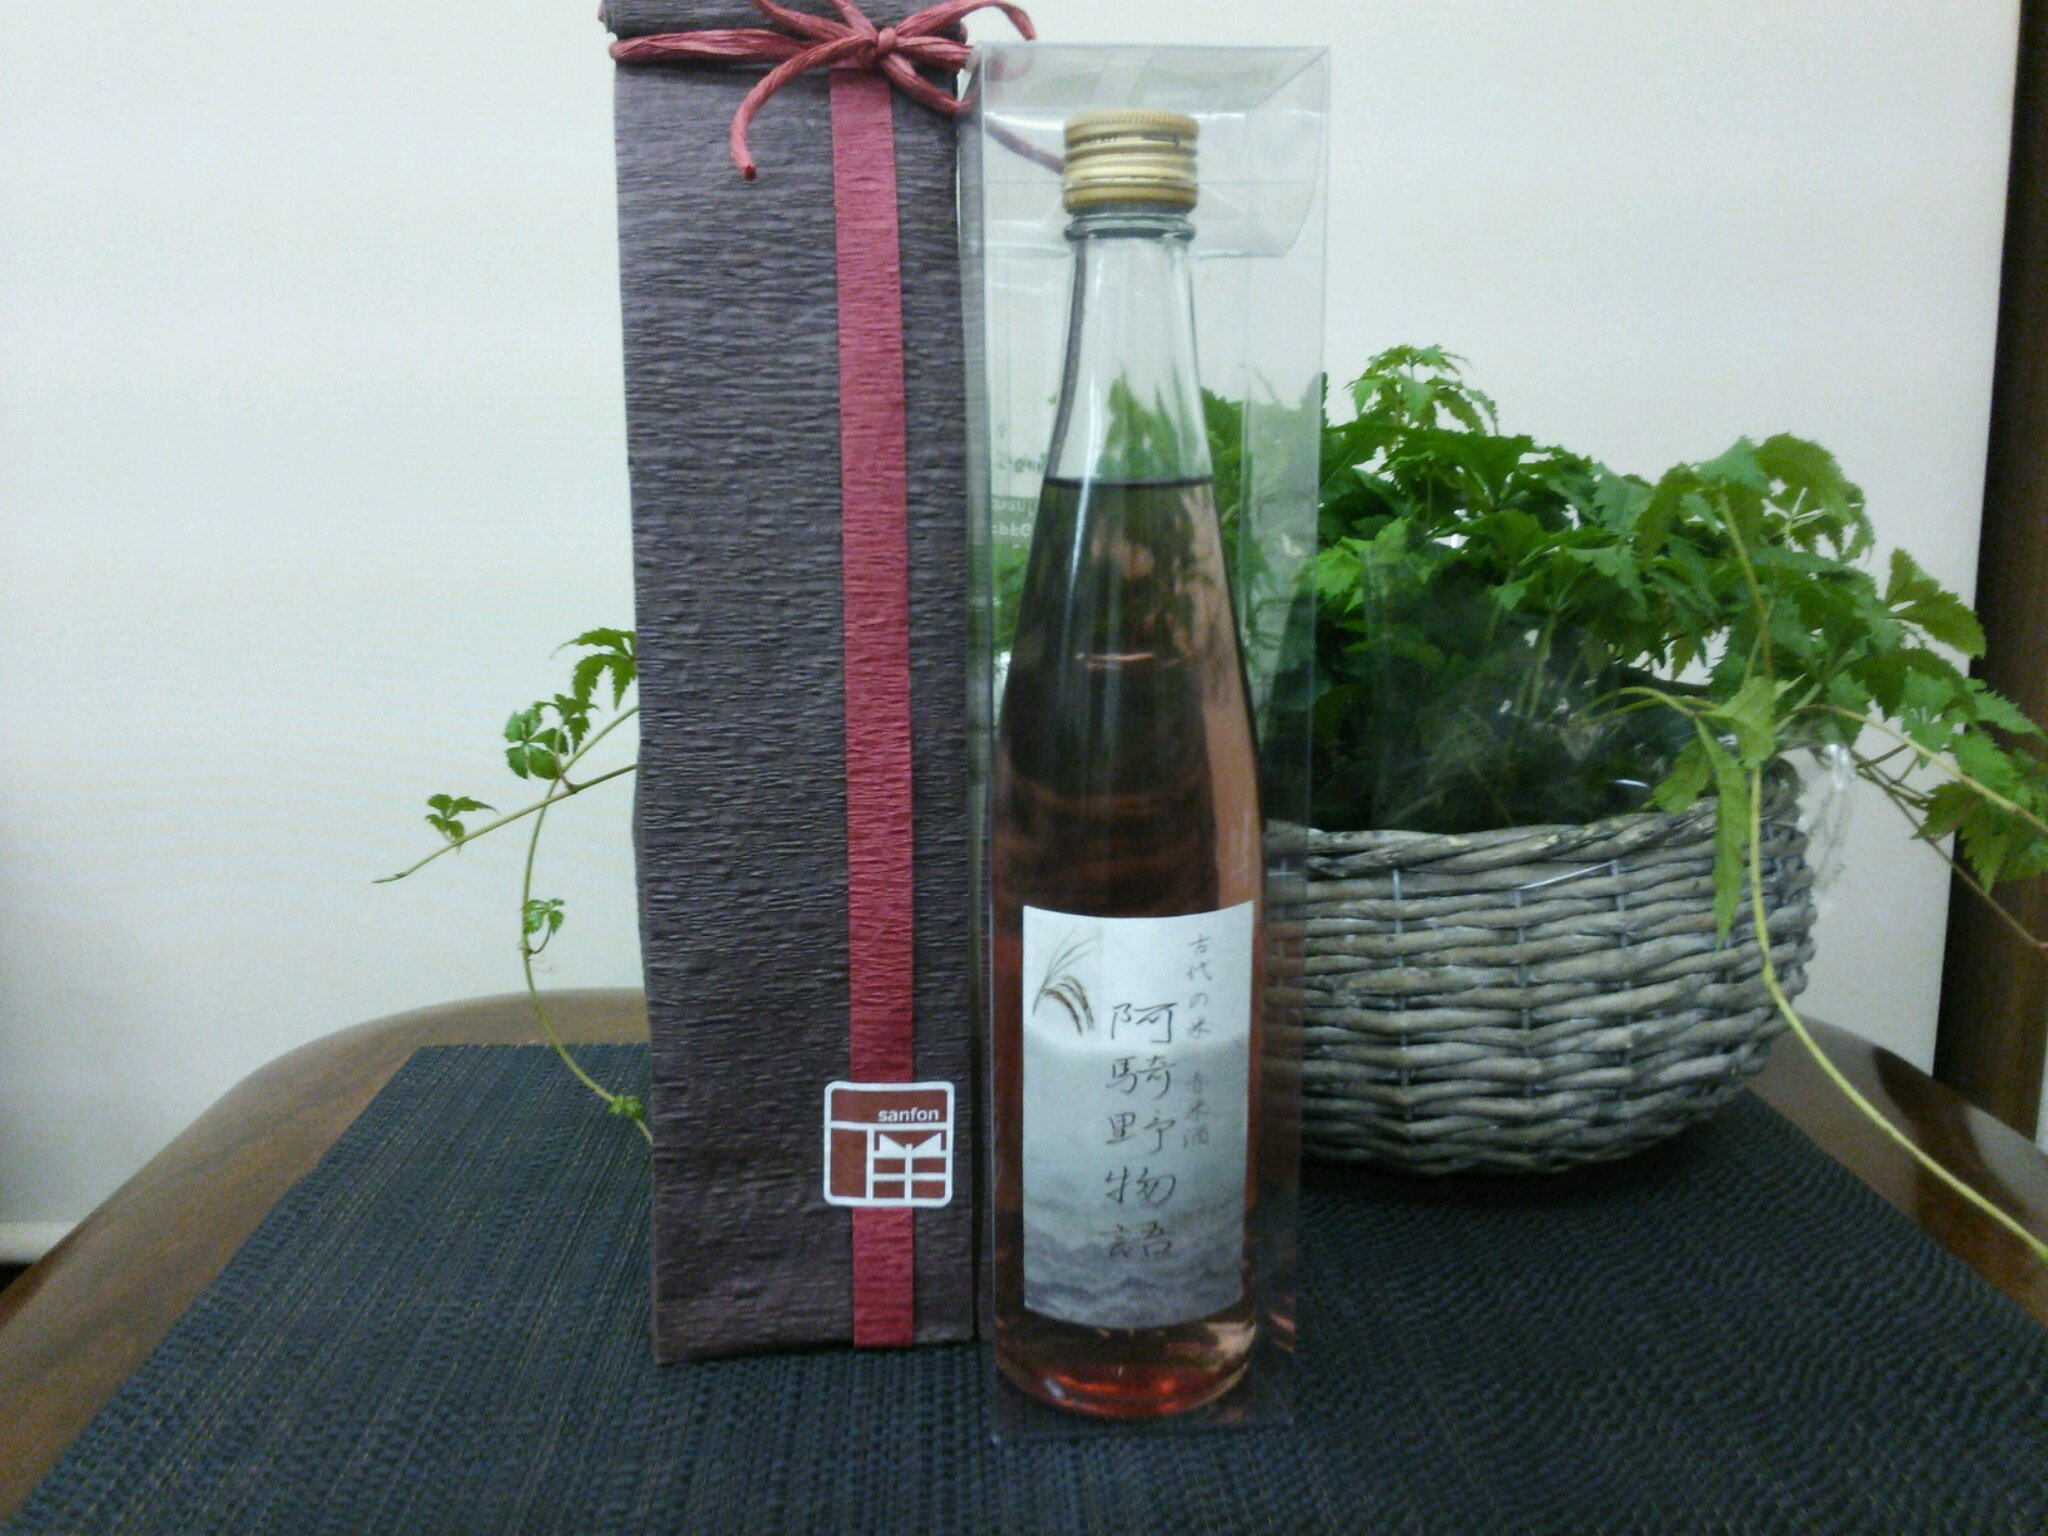 千代の松 赤米酒 阿騎野物語